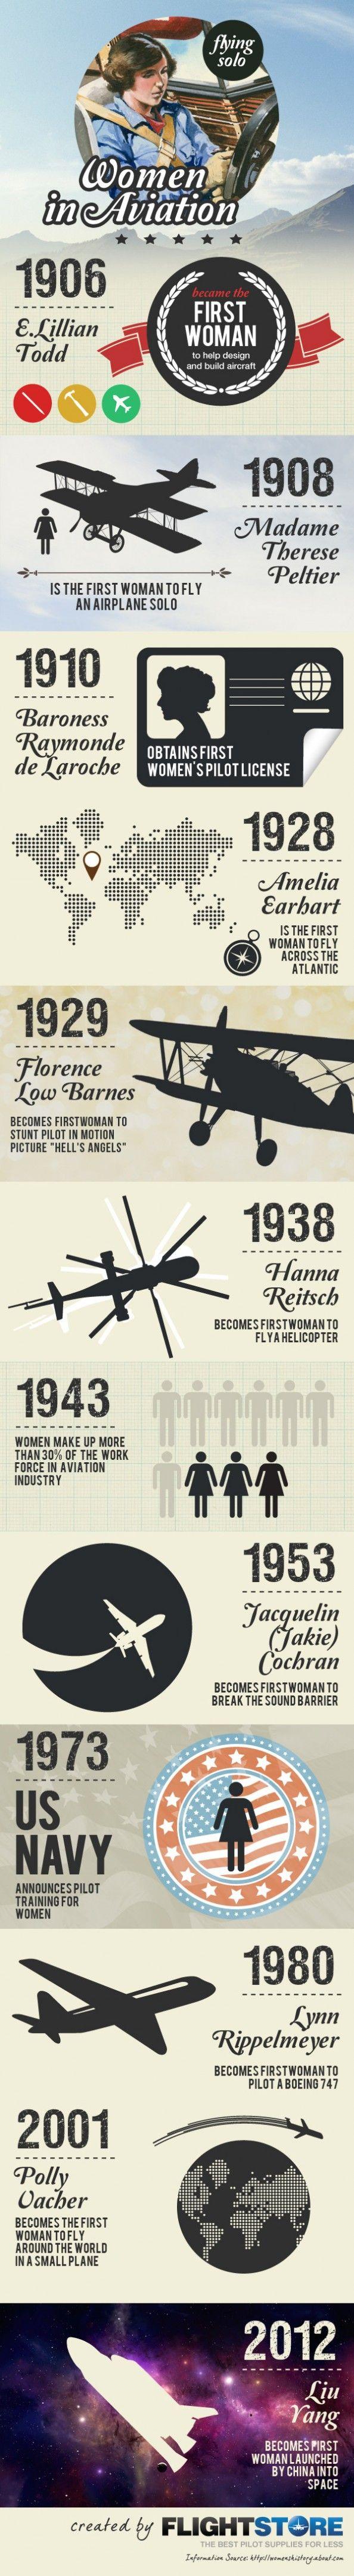 Women in Aviation!